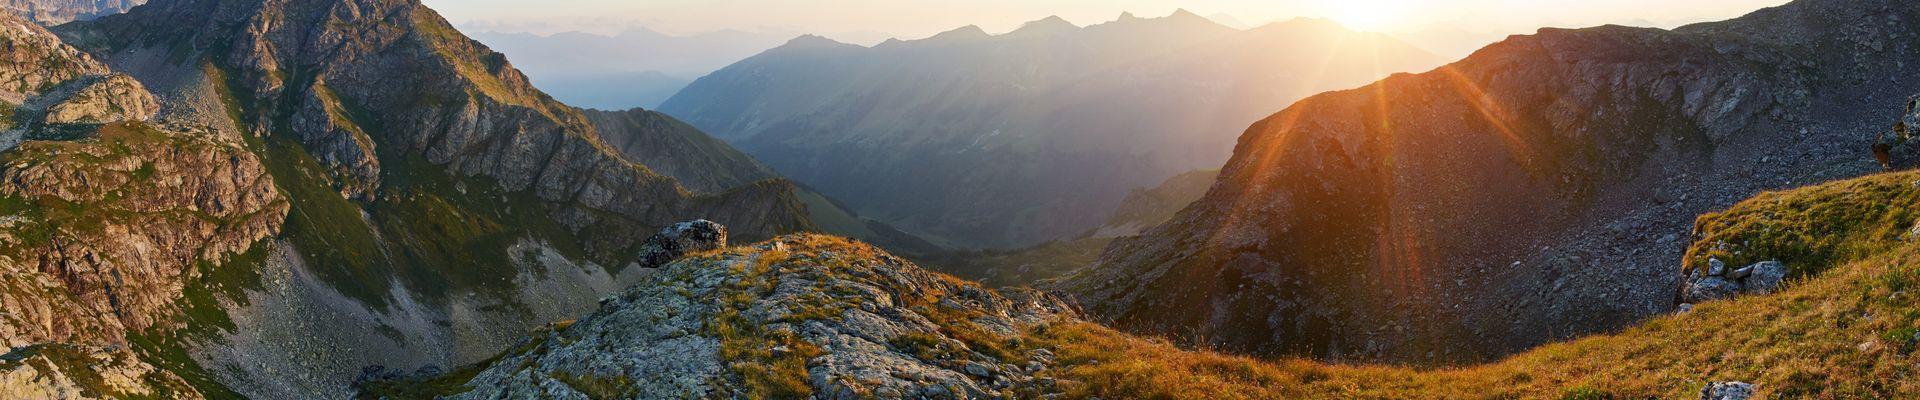 Kurzurlaub in den Bergen